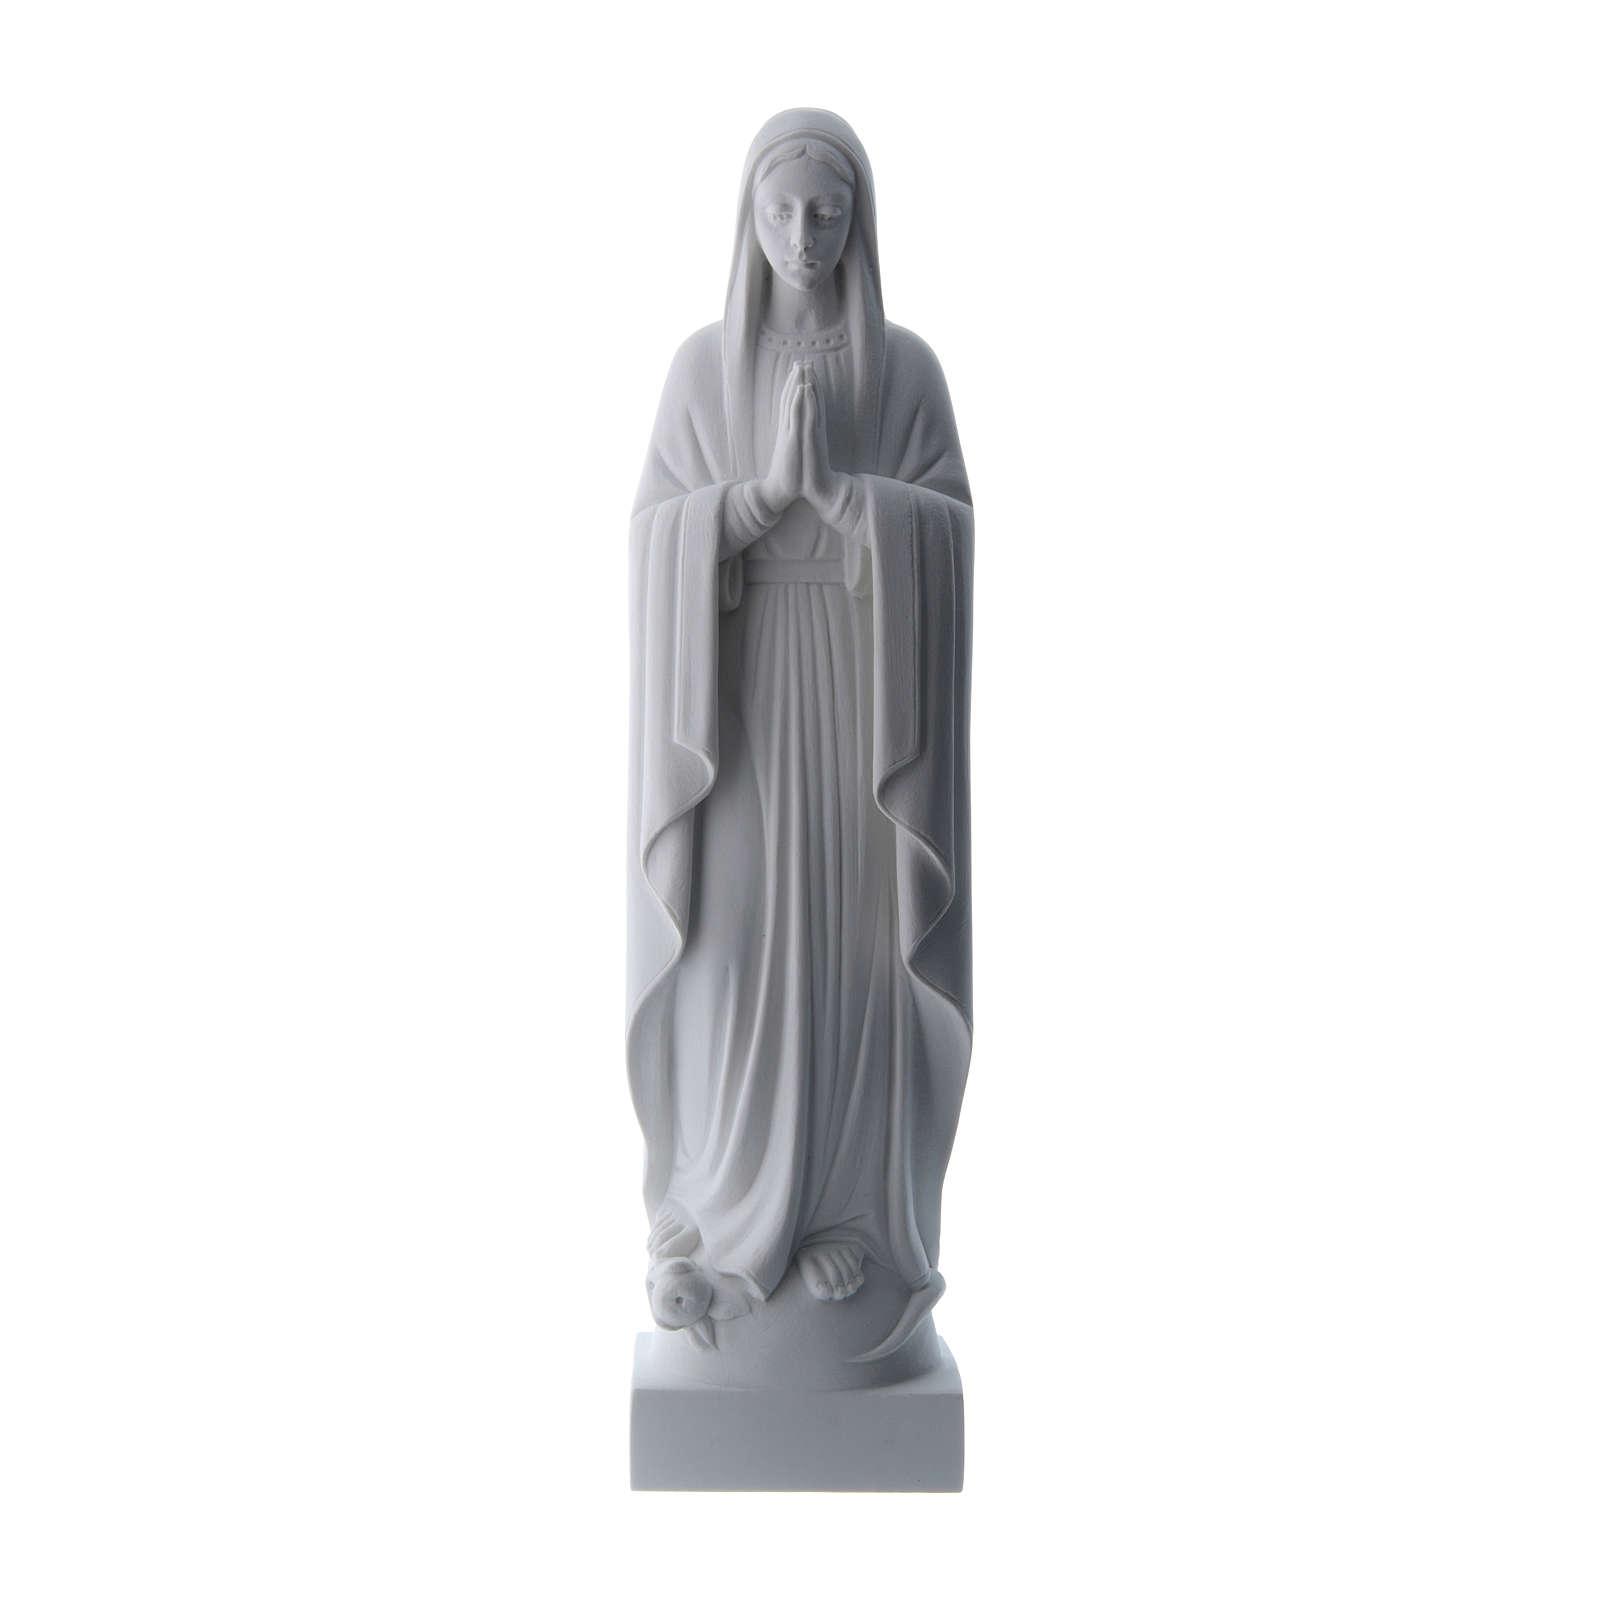 Vierge Marie aux mains jointes poudre de marbre blanc 40-51 cm 4